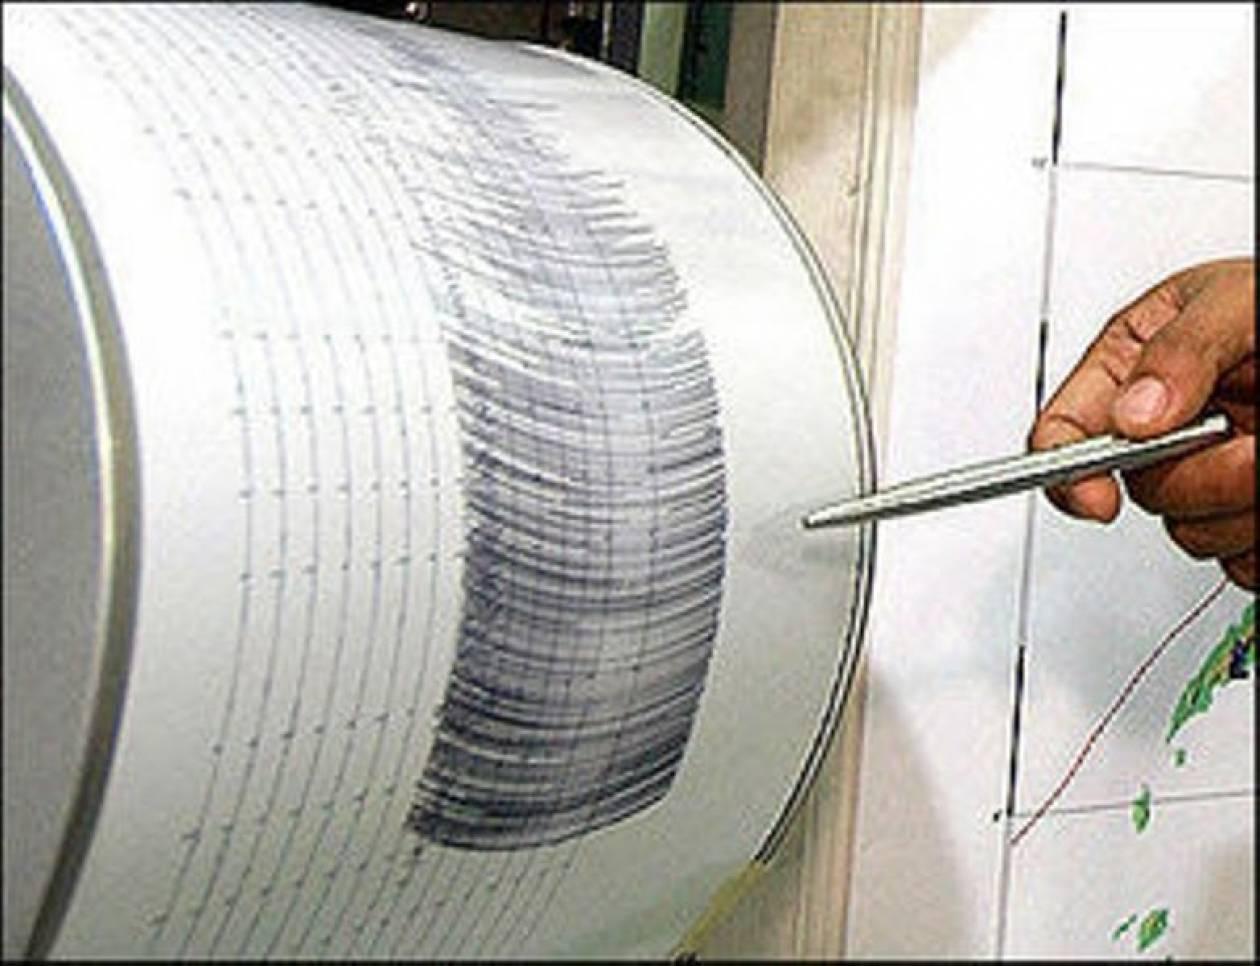 Ασθενείς σεισμικές δονήσεις στην Αχαΐα